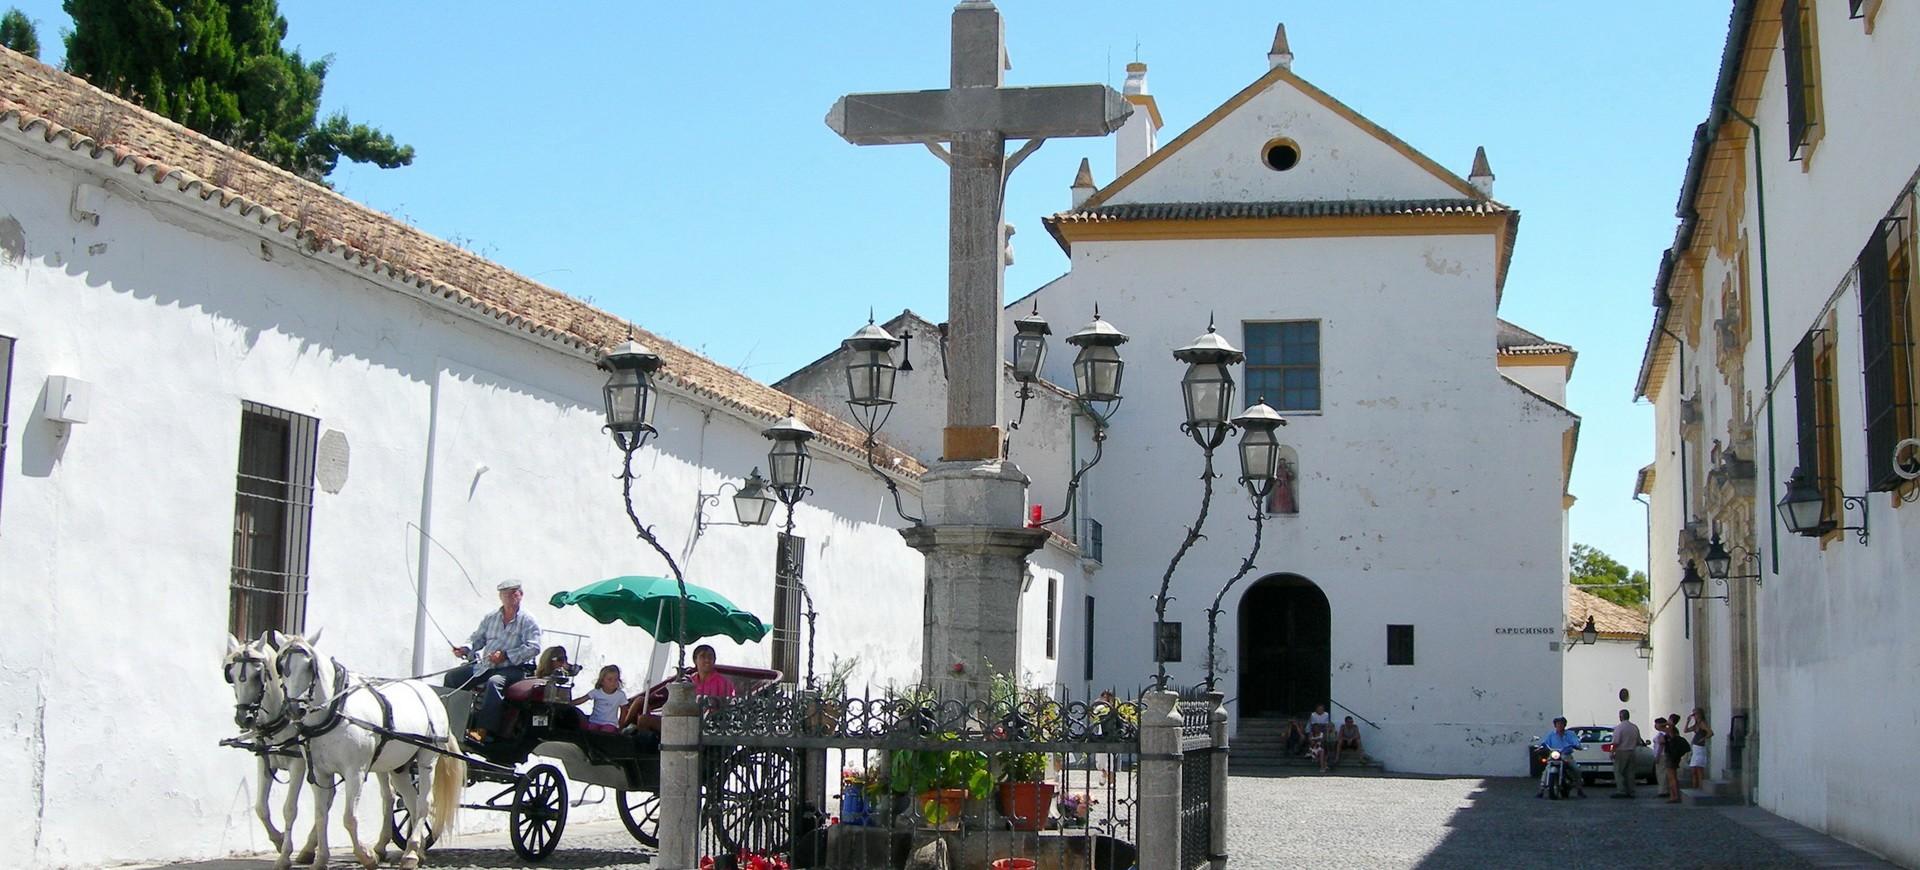 Une église à Cordou Espagne